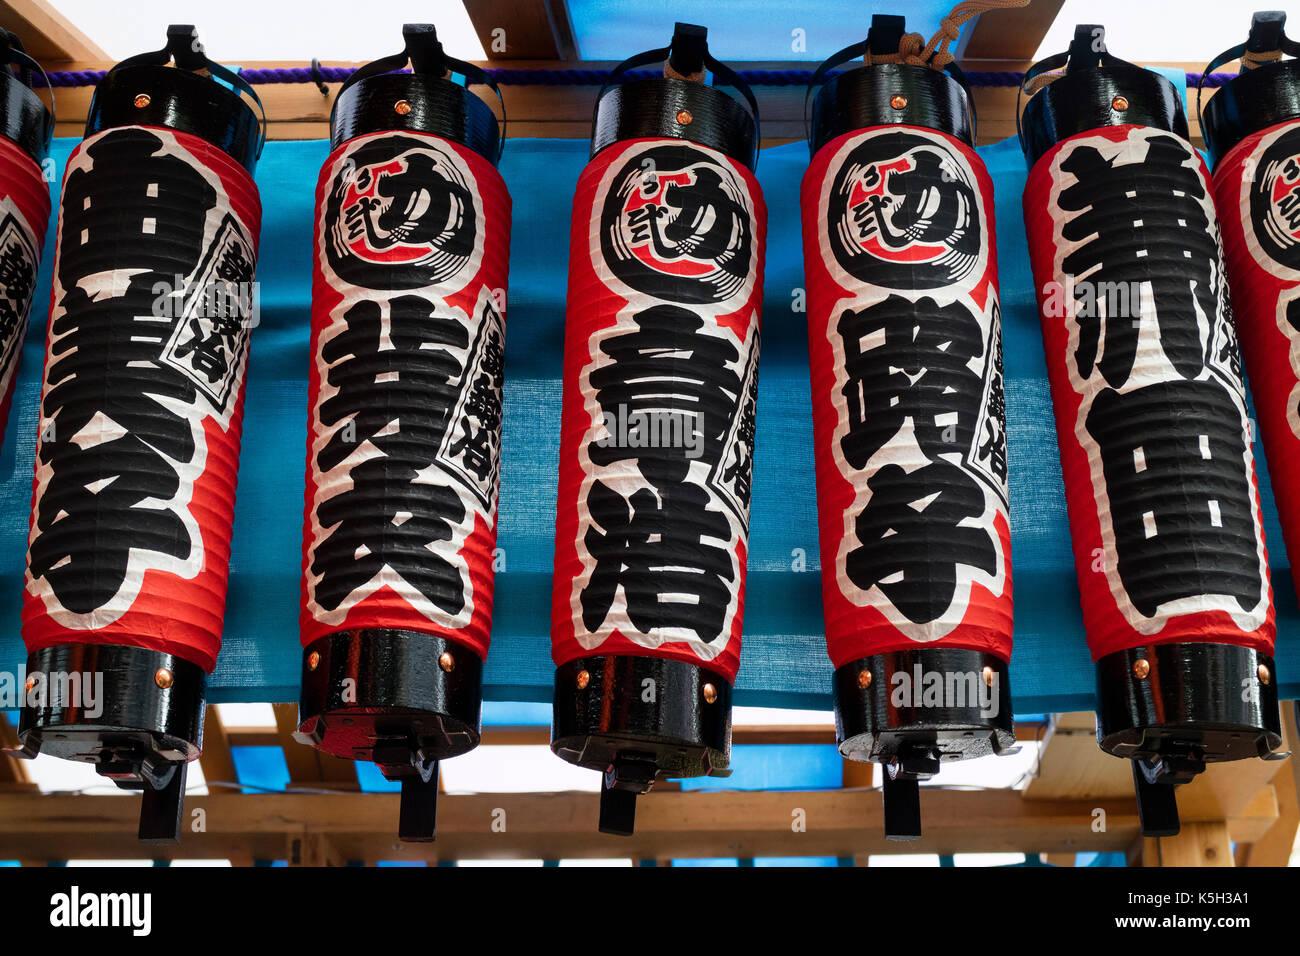 Tokyo, Japon - 14 mai 2017: ligne de lanternes en papier avec des caractères japonais le long de la rue à la kanda matsuri festival Photo Stock